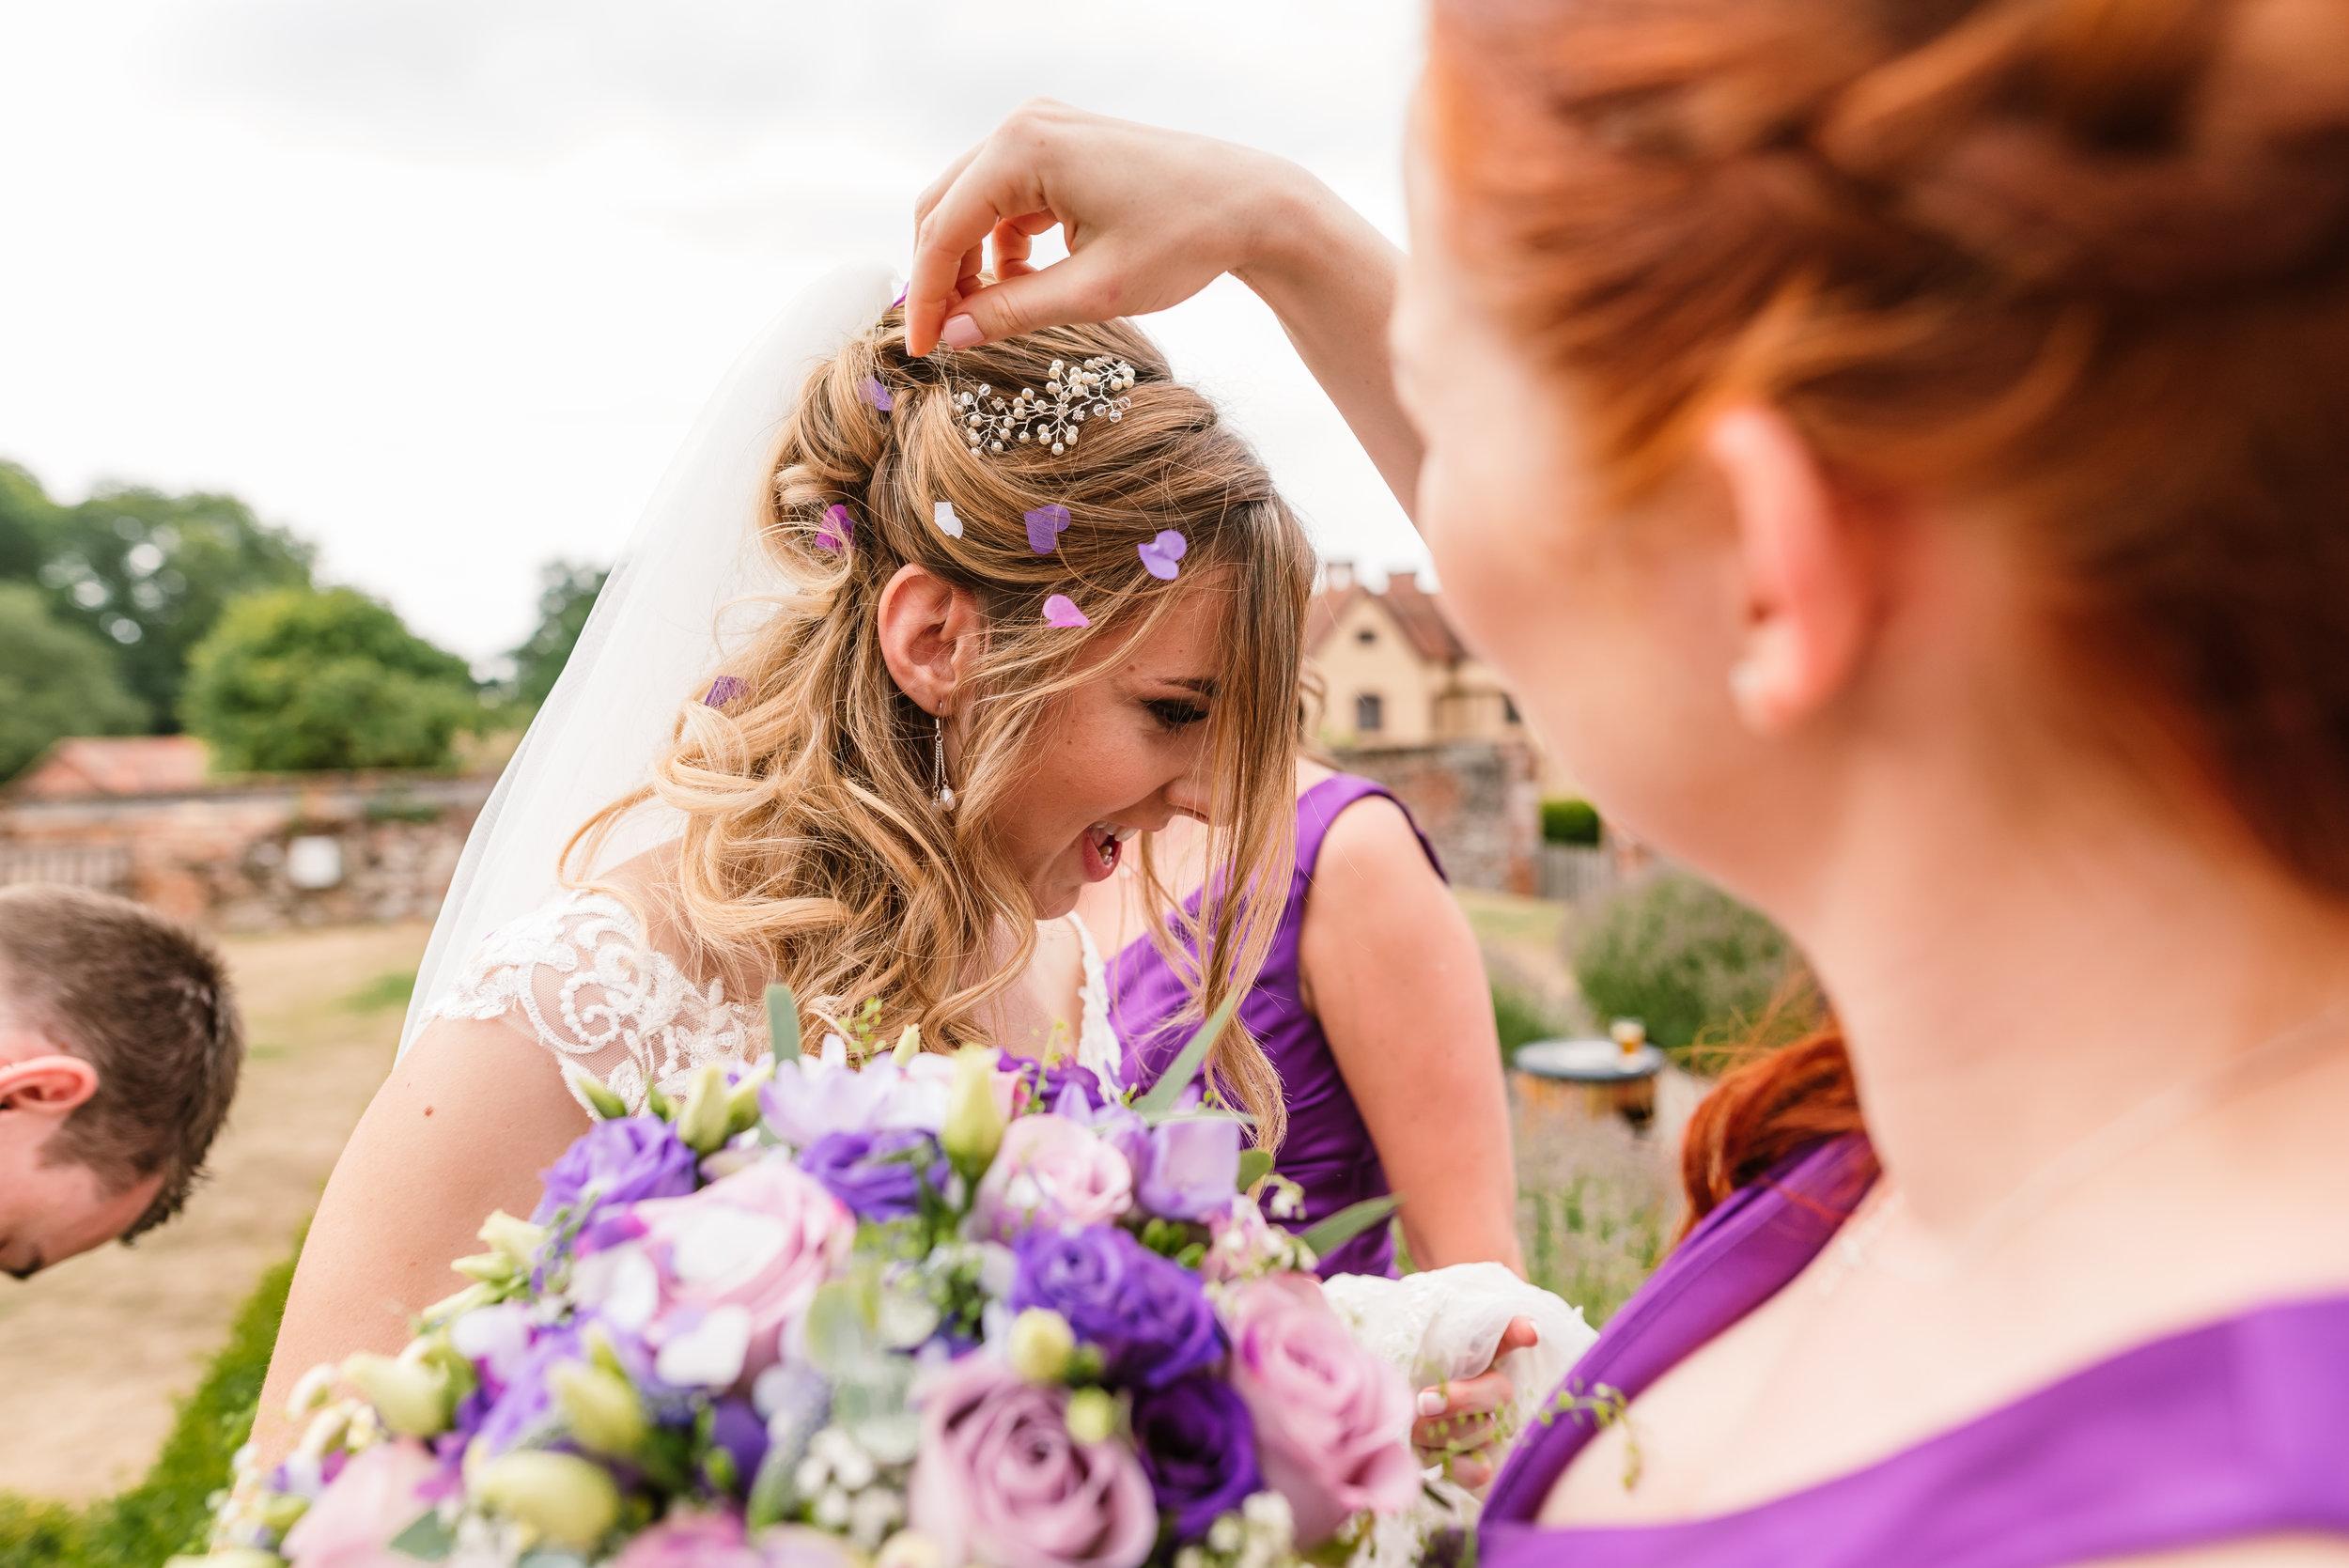 Hampshire Wedding Photographer Hampshire : Ufton-Court-Wedding : Barn-wedding-venue-hampshire : sarah-fishlock-photography : hampshire-barn-wedding-620.jpg